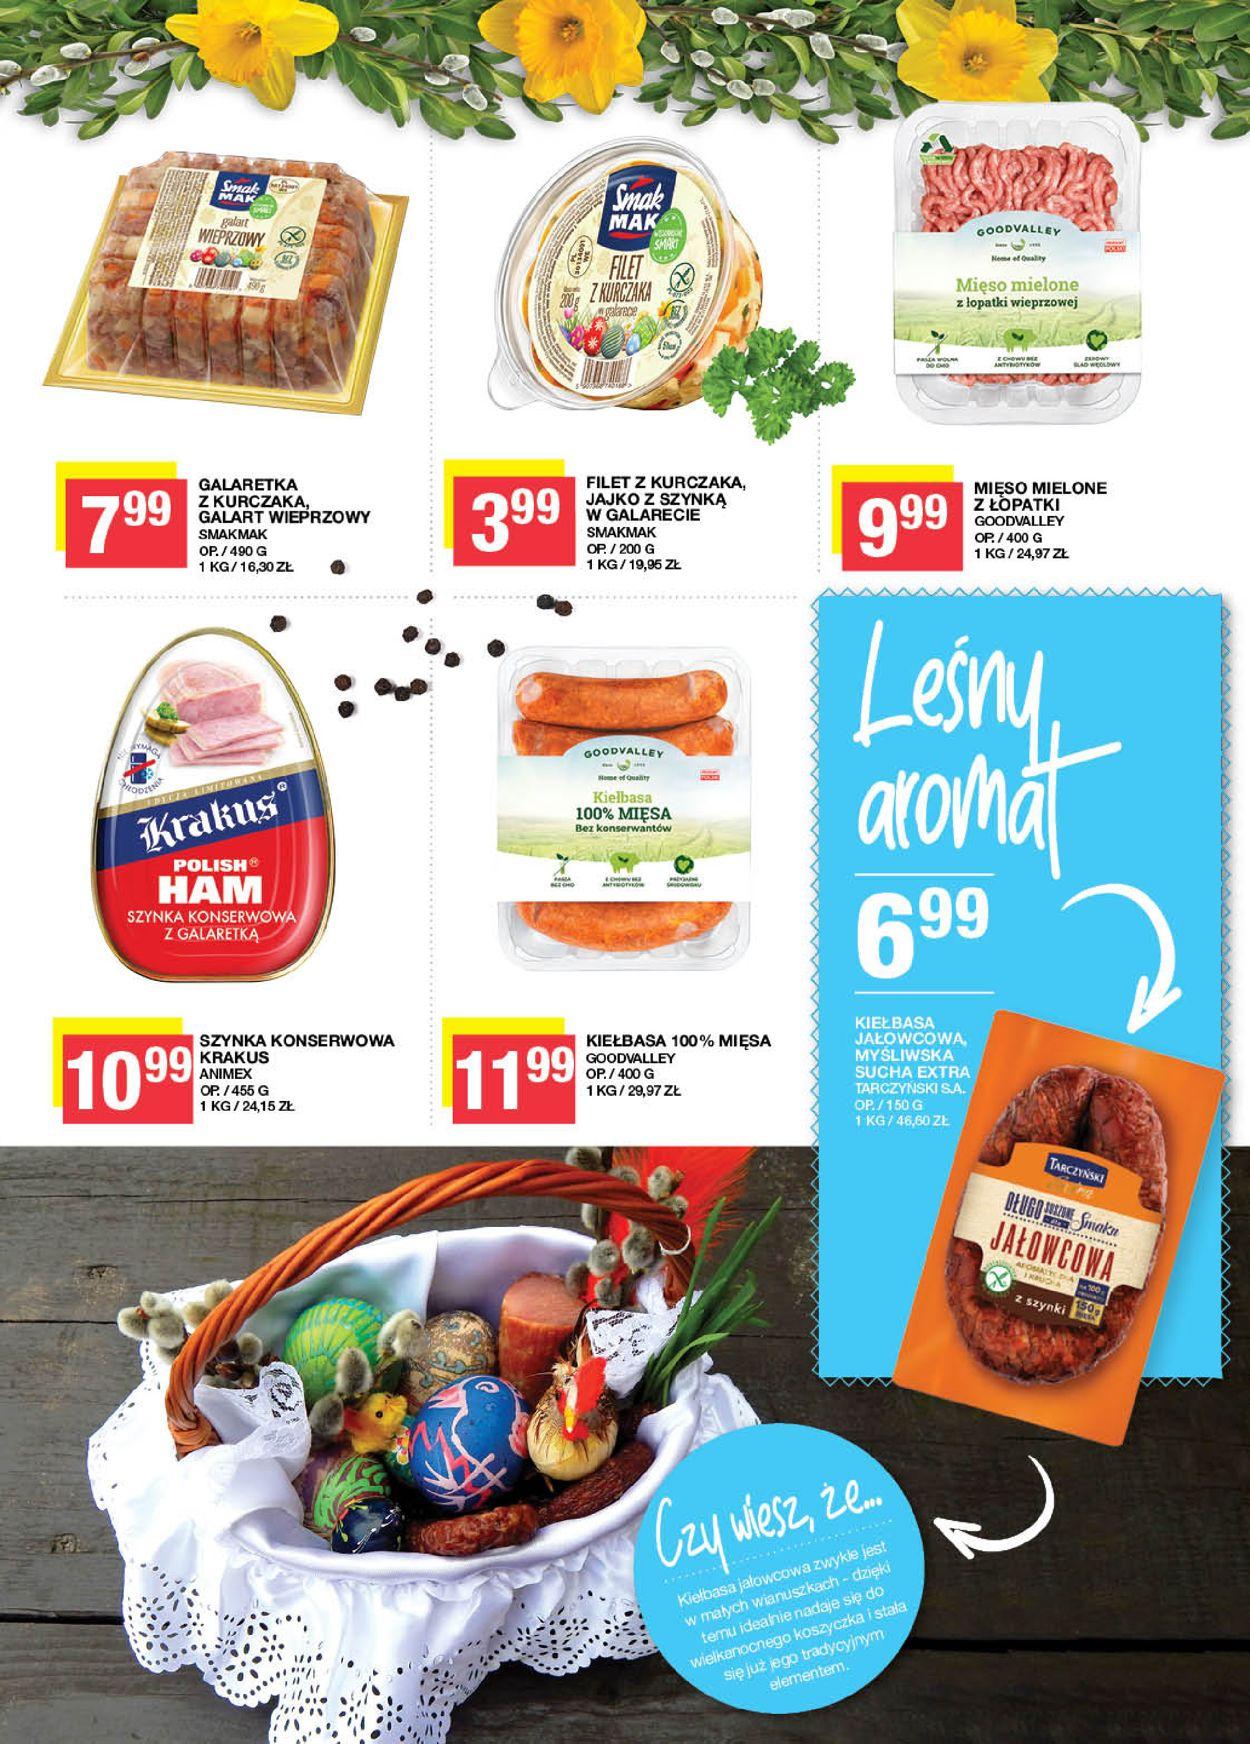 Gazetka promocyjna SPAR Katalog Wielkanocny 2021 - 10.03-03.04.2021 (Strona 10)